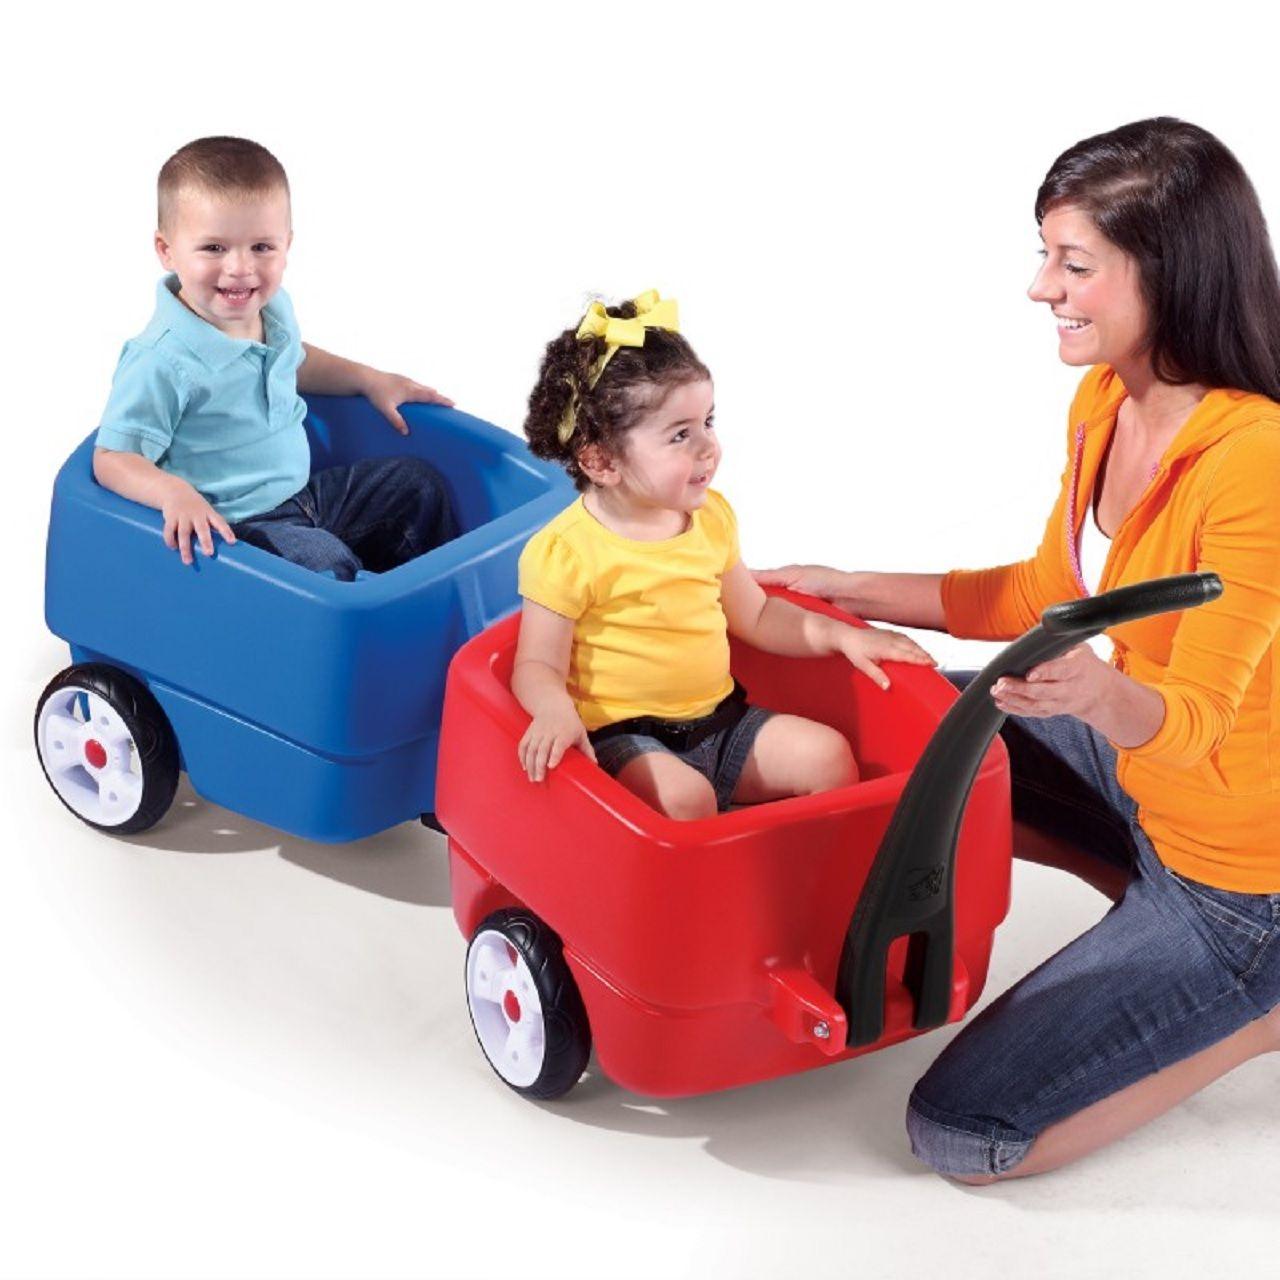 Platz für kinder, jungen und mädchen wagen für kinder choo choo kunststoff  bollerwagen  pinterest